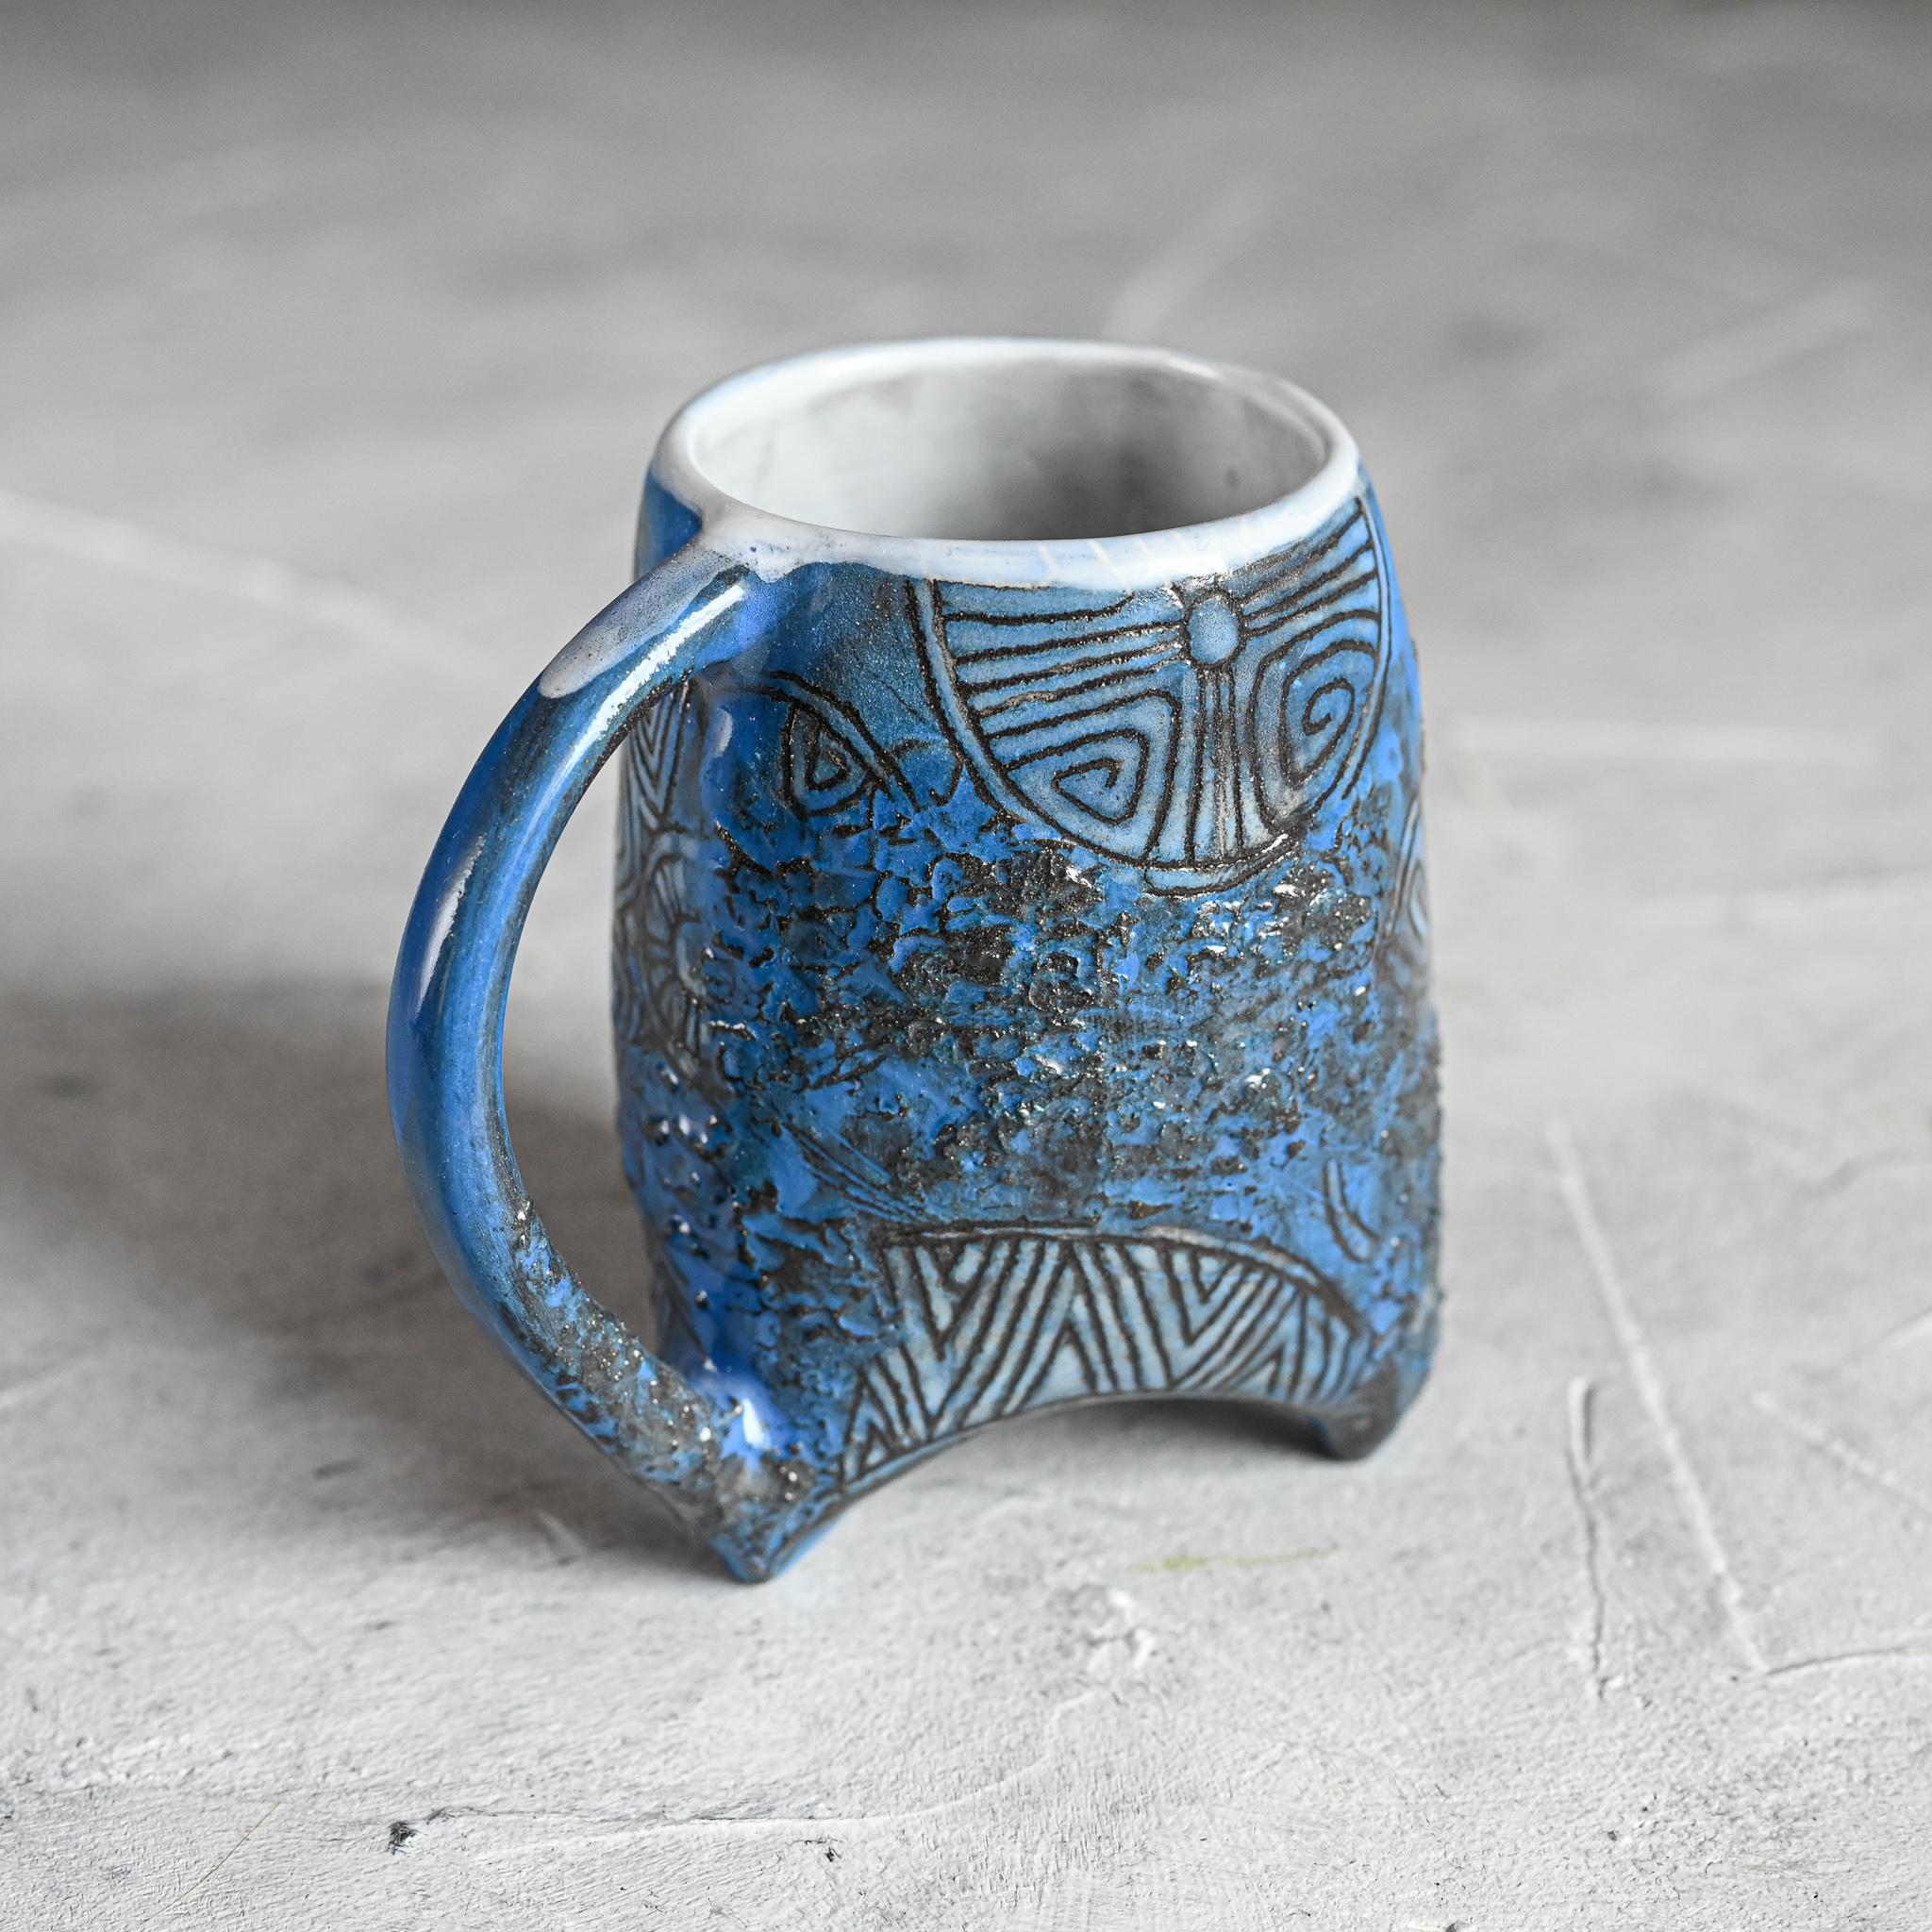 """картинка Небольшая чашка на ножках """"Майя"""" 3 - DishWishes.Ru"""